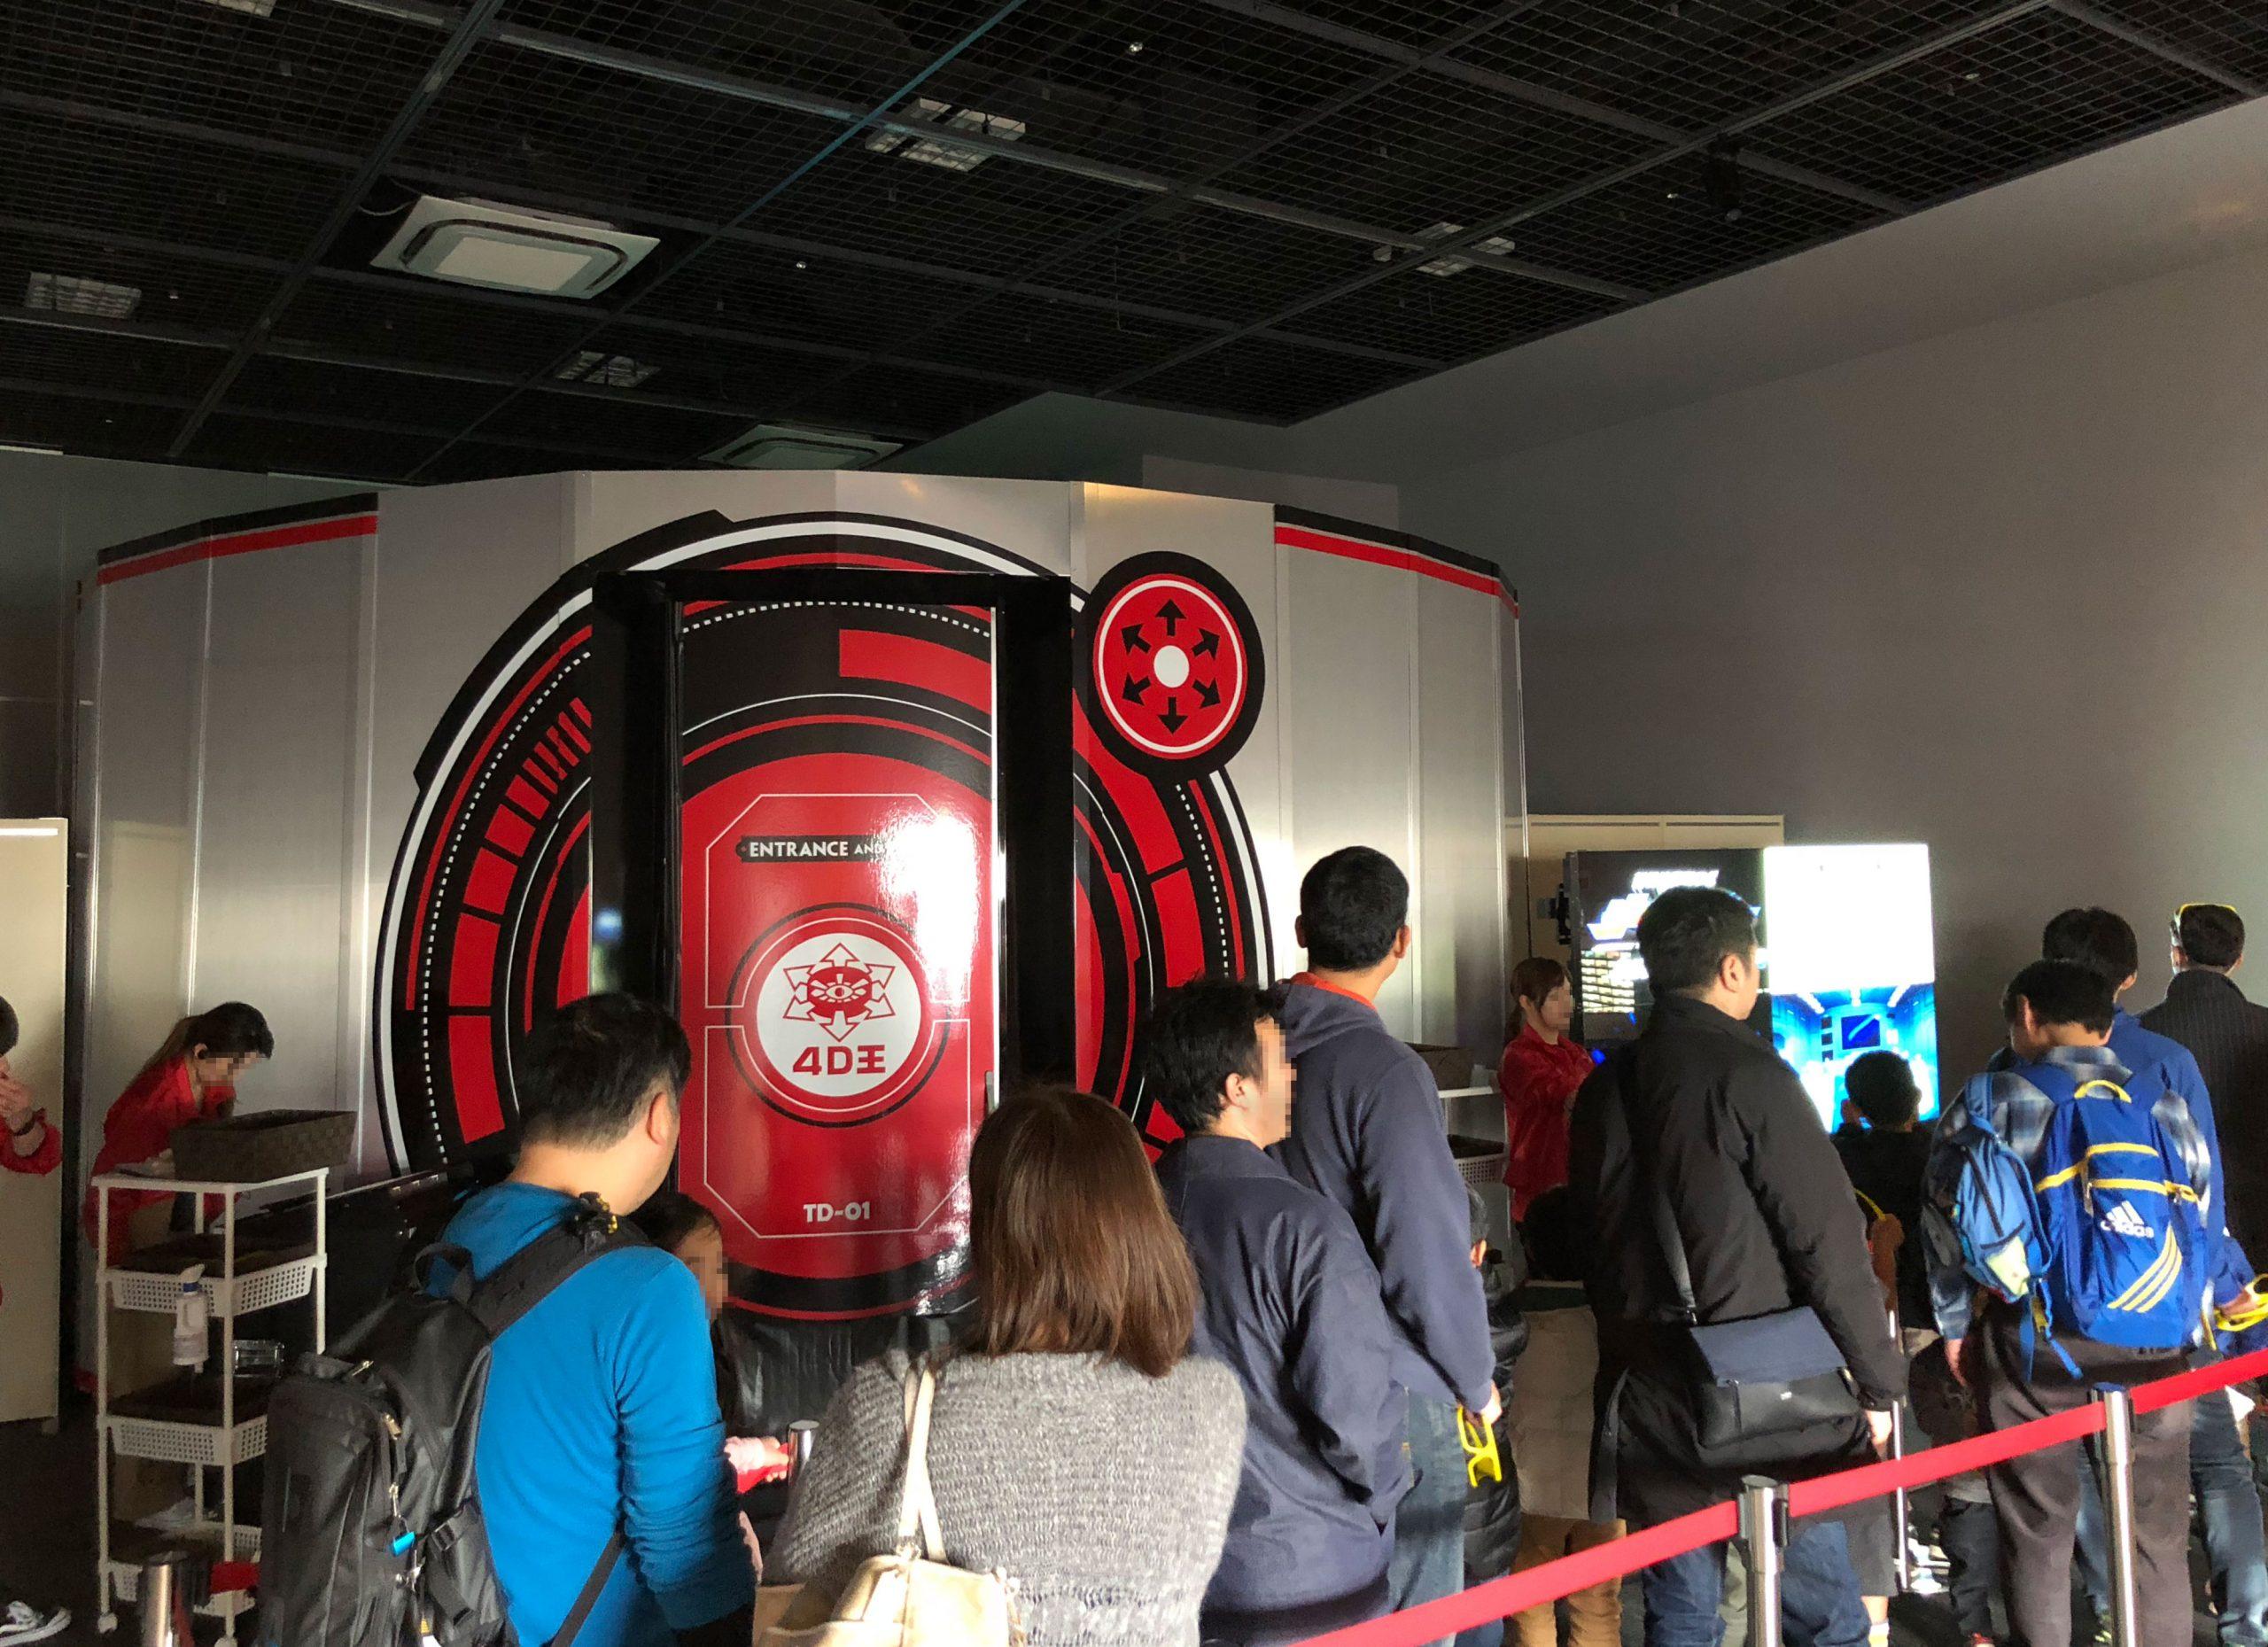 鉄道博物館「4D王」